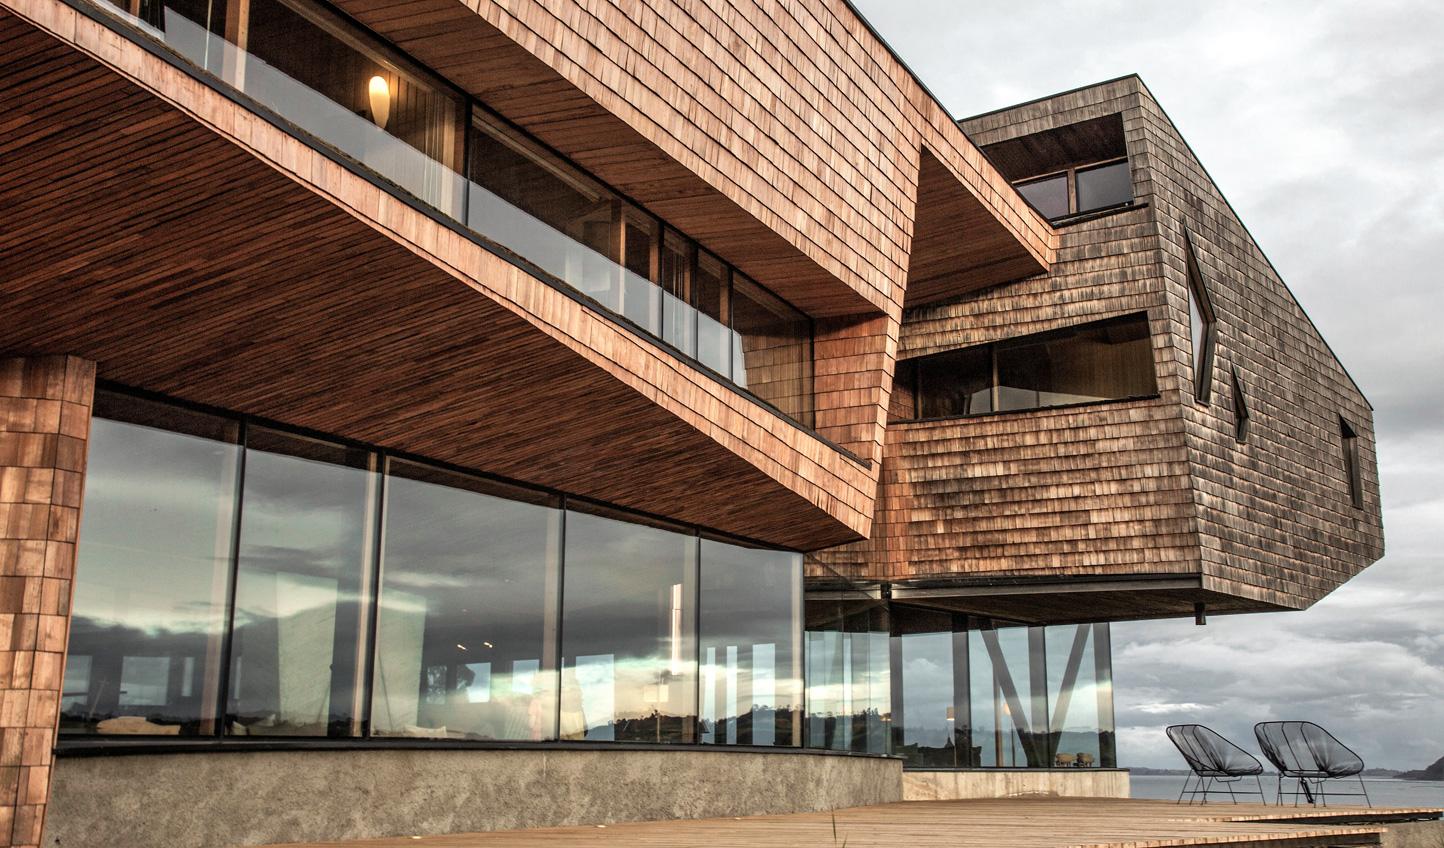 Striking modern design at Tierra Chiloé